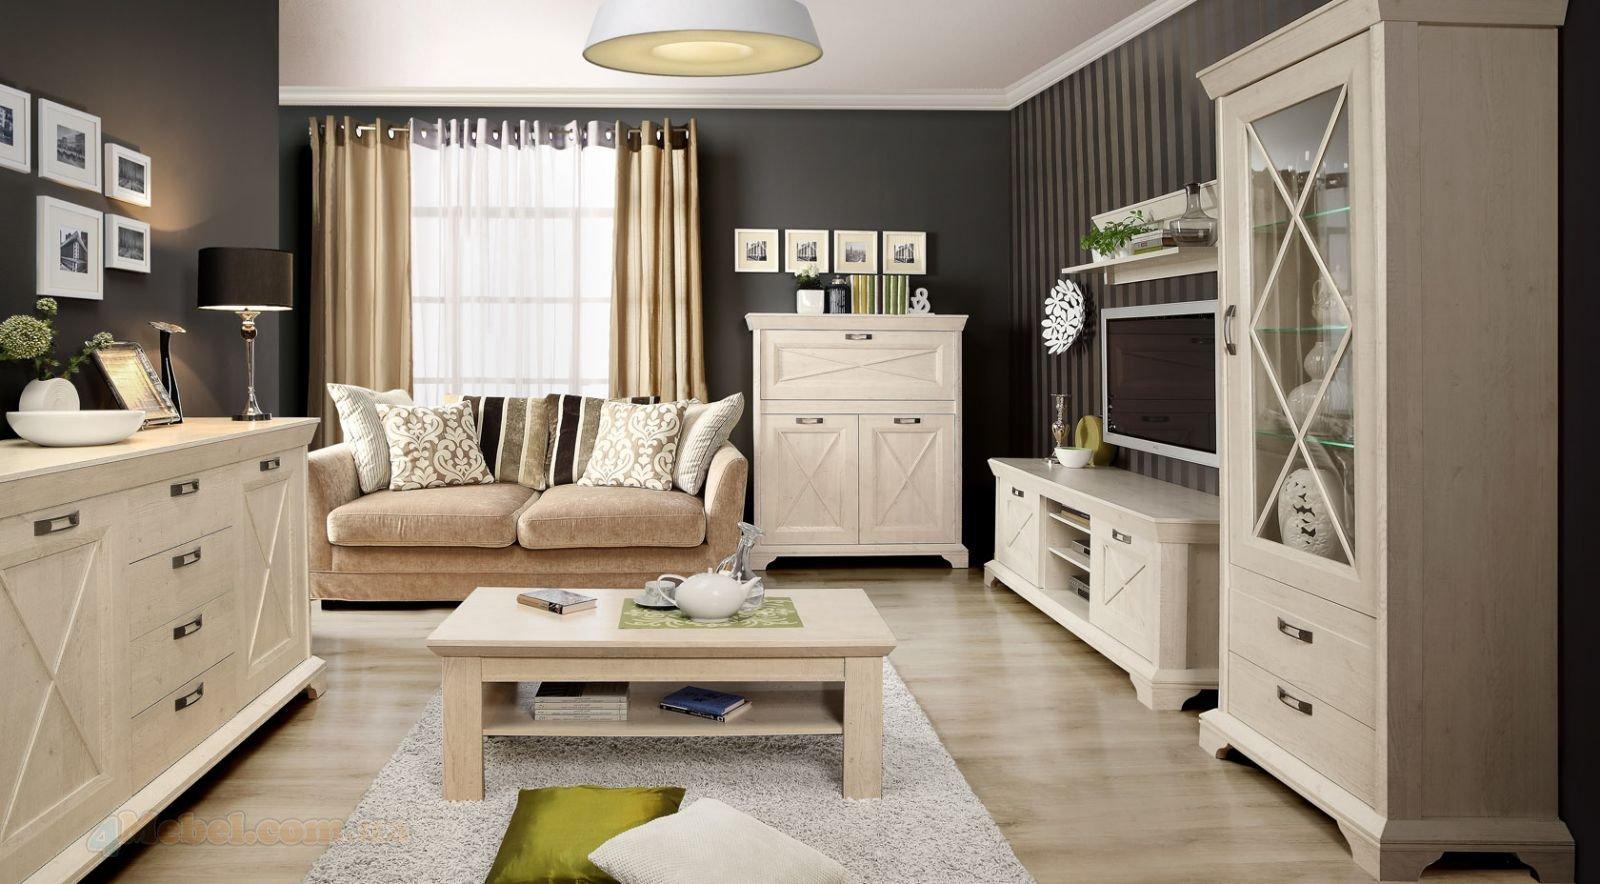 Как оформить гостиную – 9 правил красоты и комфорта интерьера